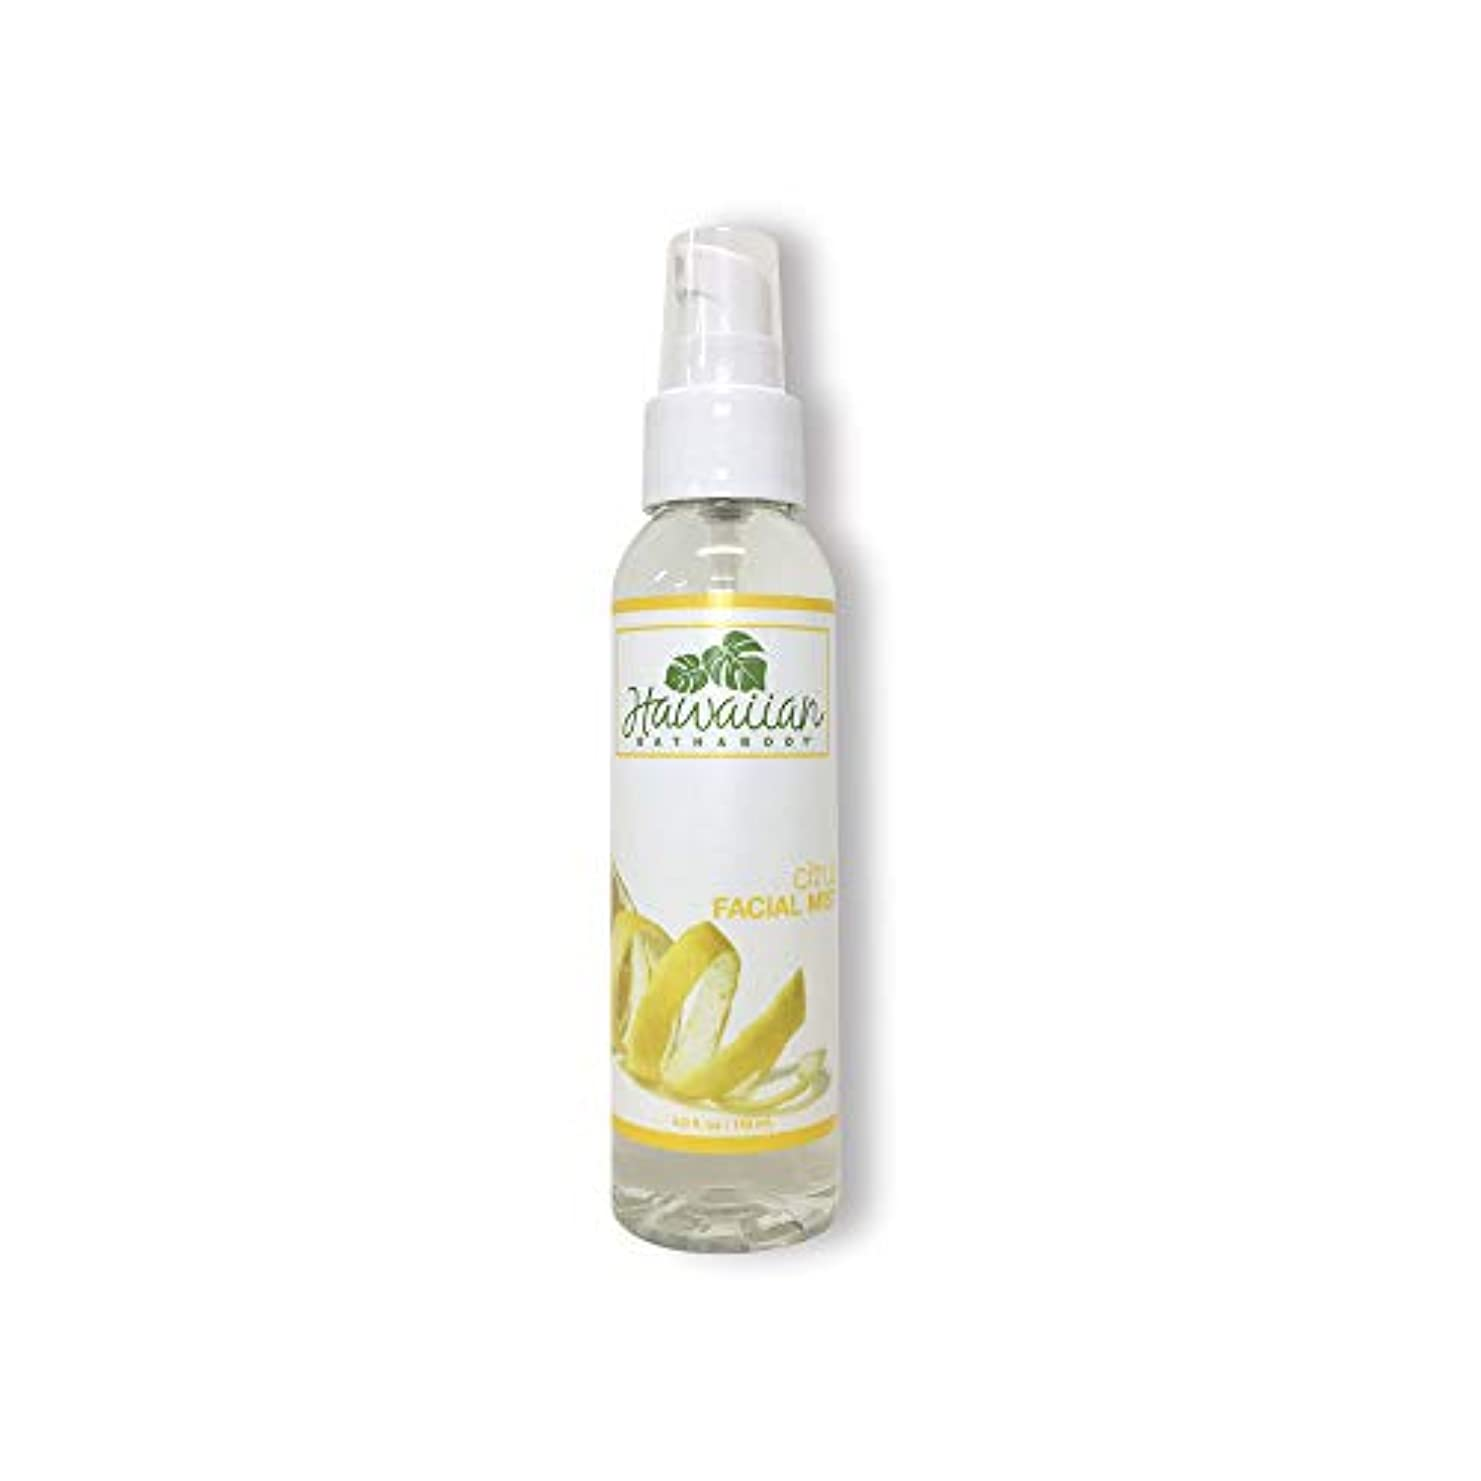 ハワイアンバス&ボディ シトラス フェイシャルミスト118ml (Citrus Facial Mist 4oz)